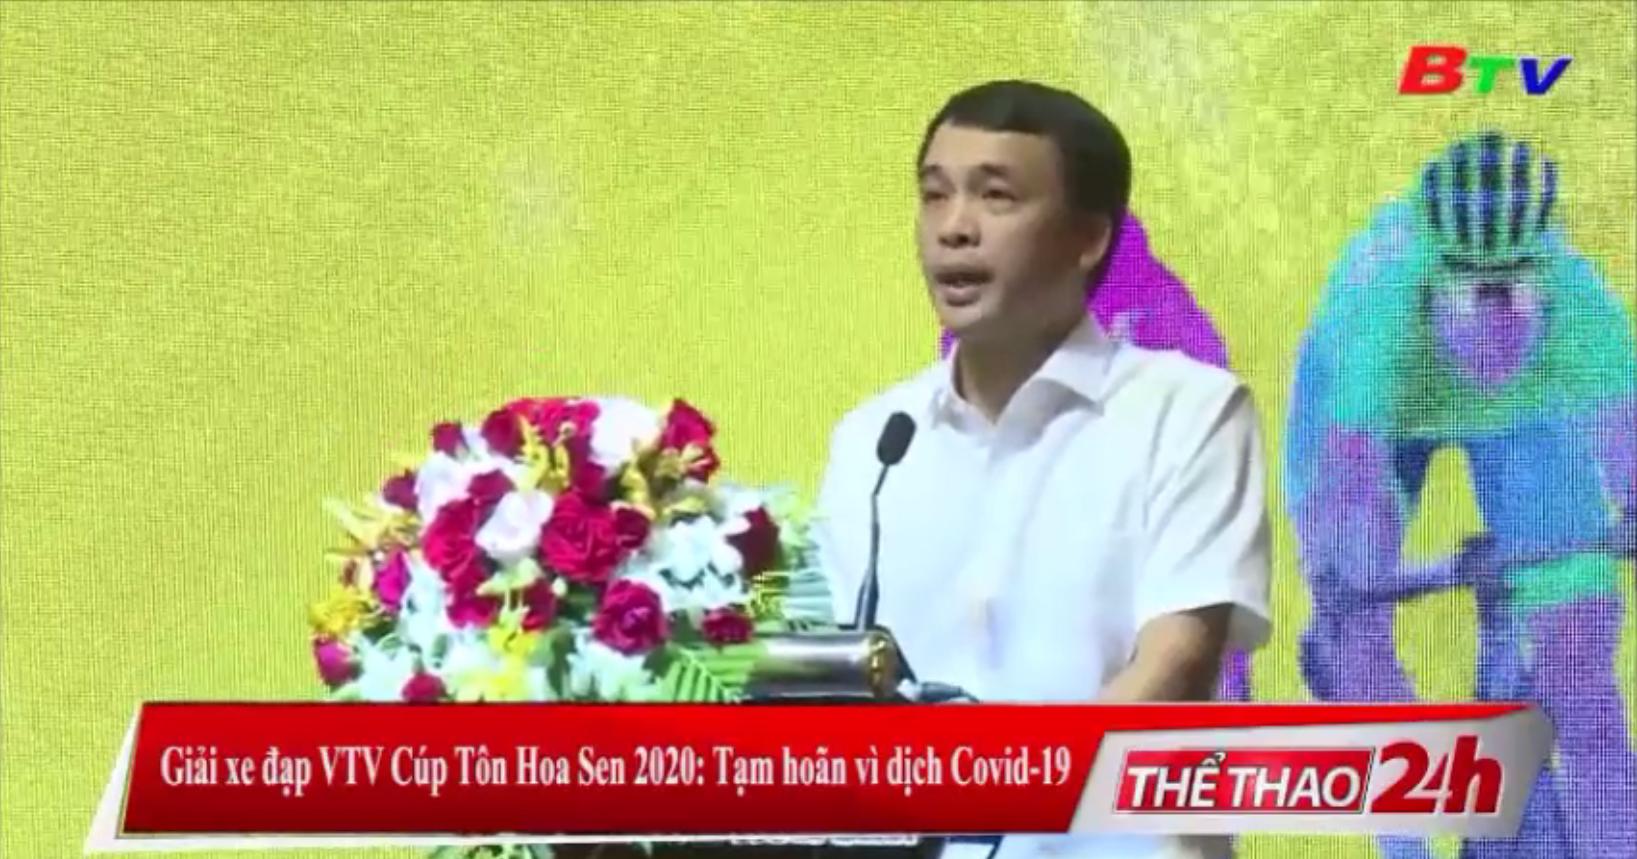 Giải xe đạp VTV Cúp Tôn Hoa Sen 2020 tạm hoãn vì dịch Covid-19